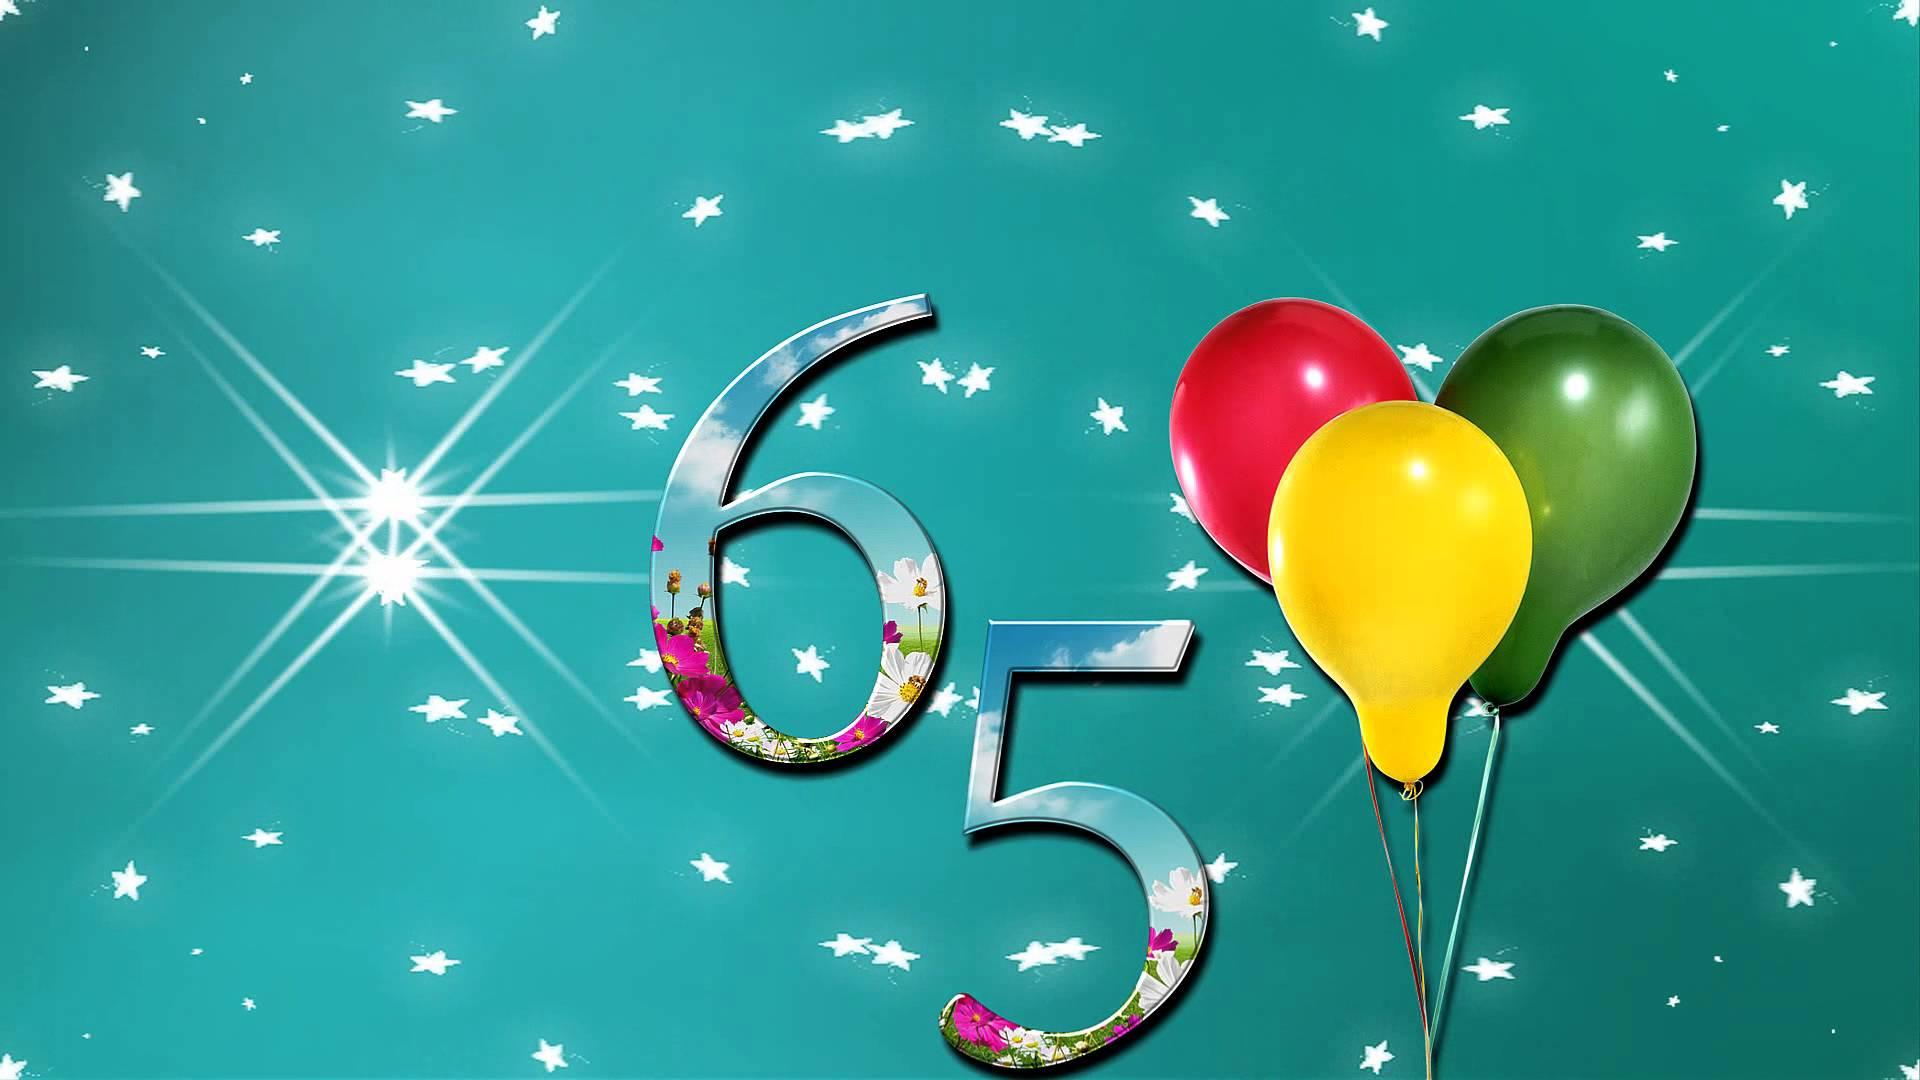 Сценарии поздравления 65 лет